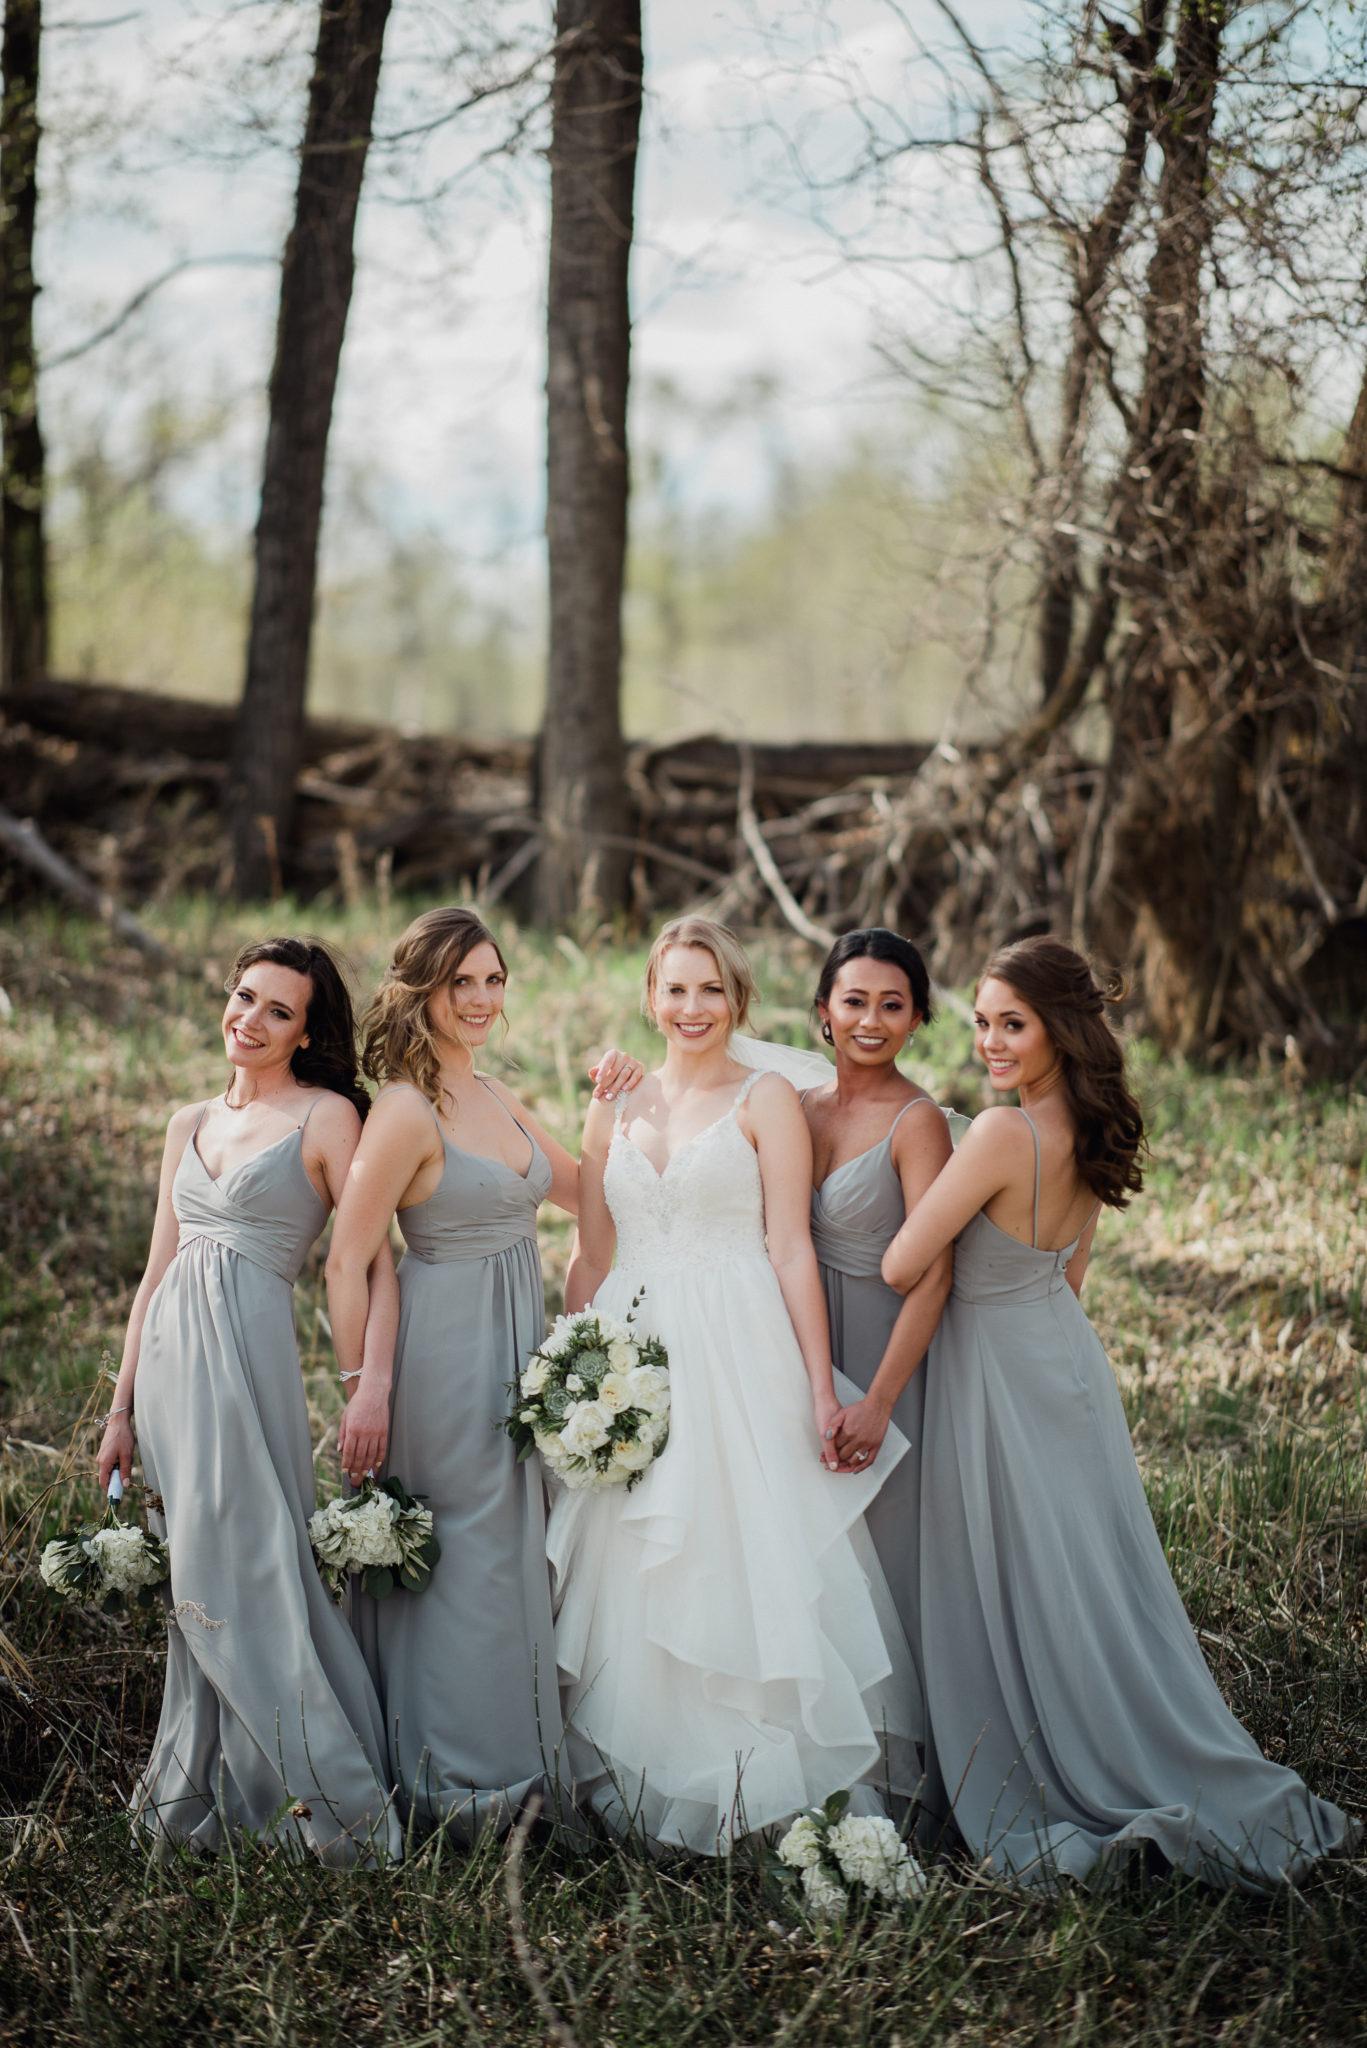 beautiful group of bridesmaids